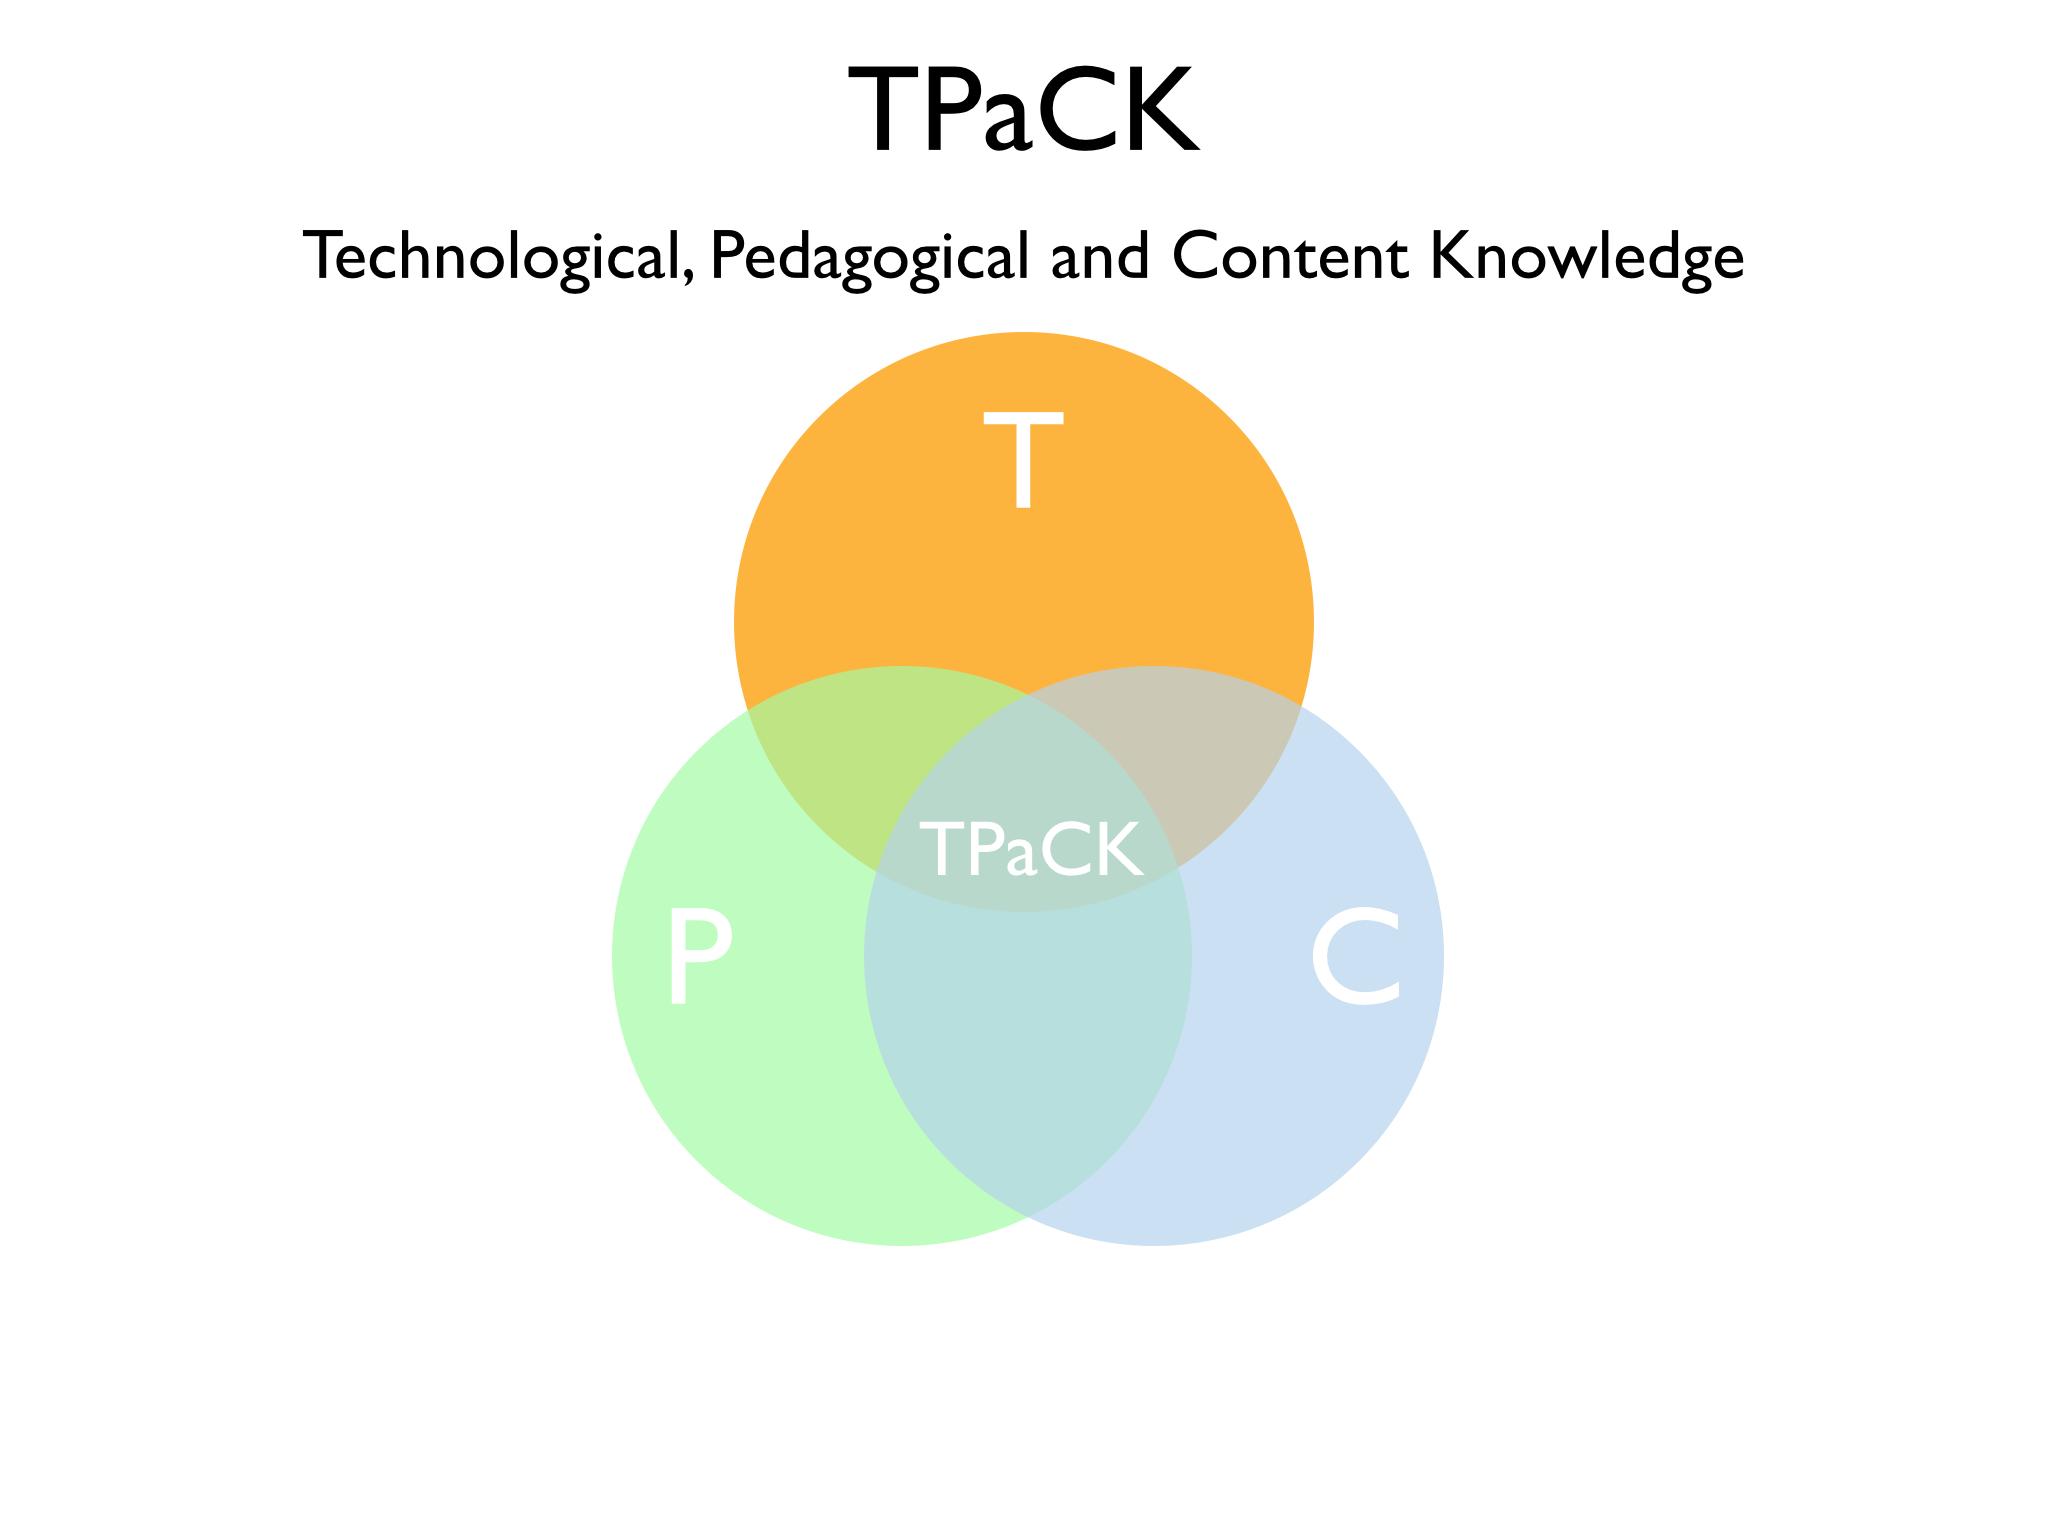 TPaCK model